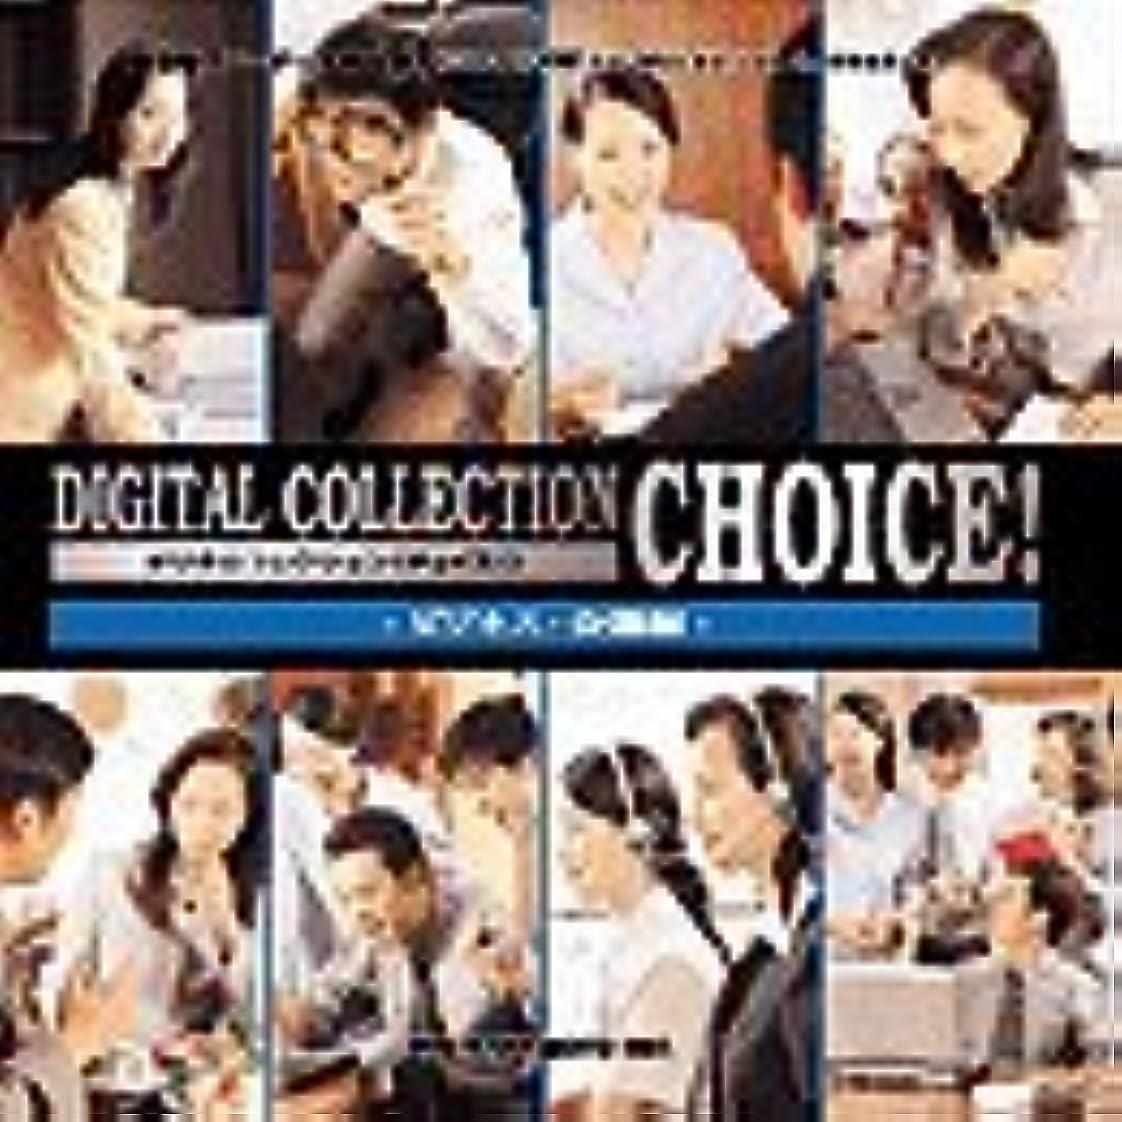 無知アシスト影のあるDigital Collection Choice! ビジネス?会議編